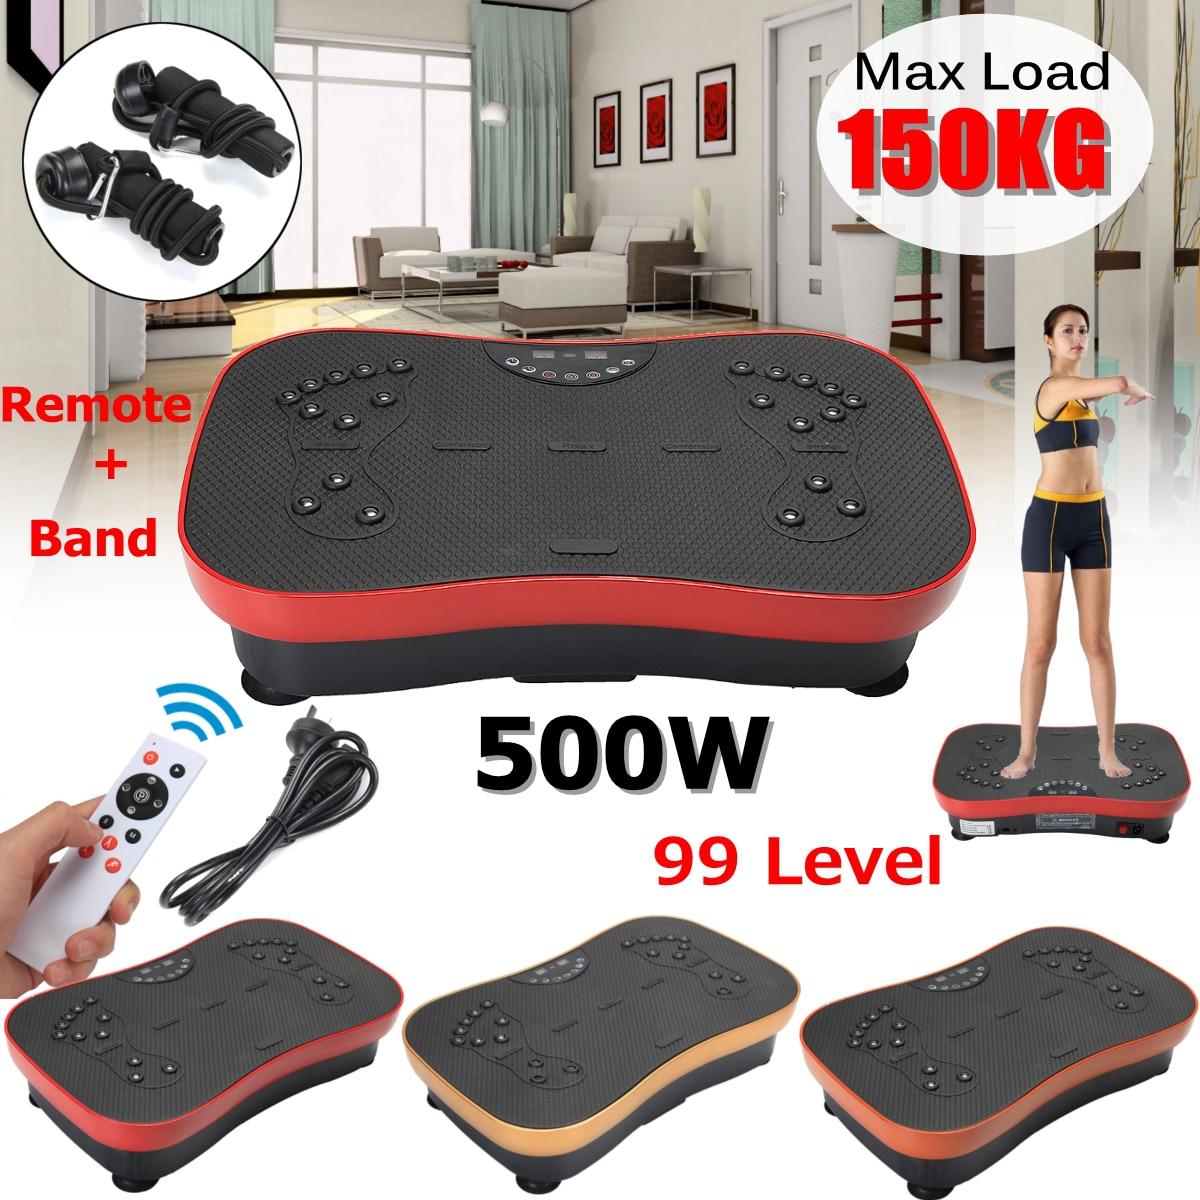 150 KG/330lb exercice Fitness mince Vibration Machine formateur Plate-forme Plate-forme corps Shaper avec bandes de résistance